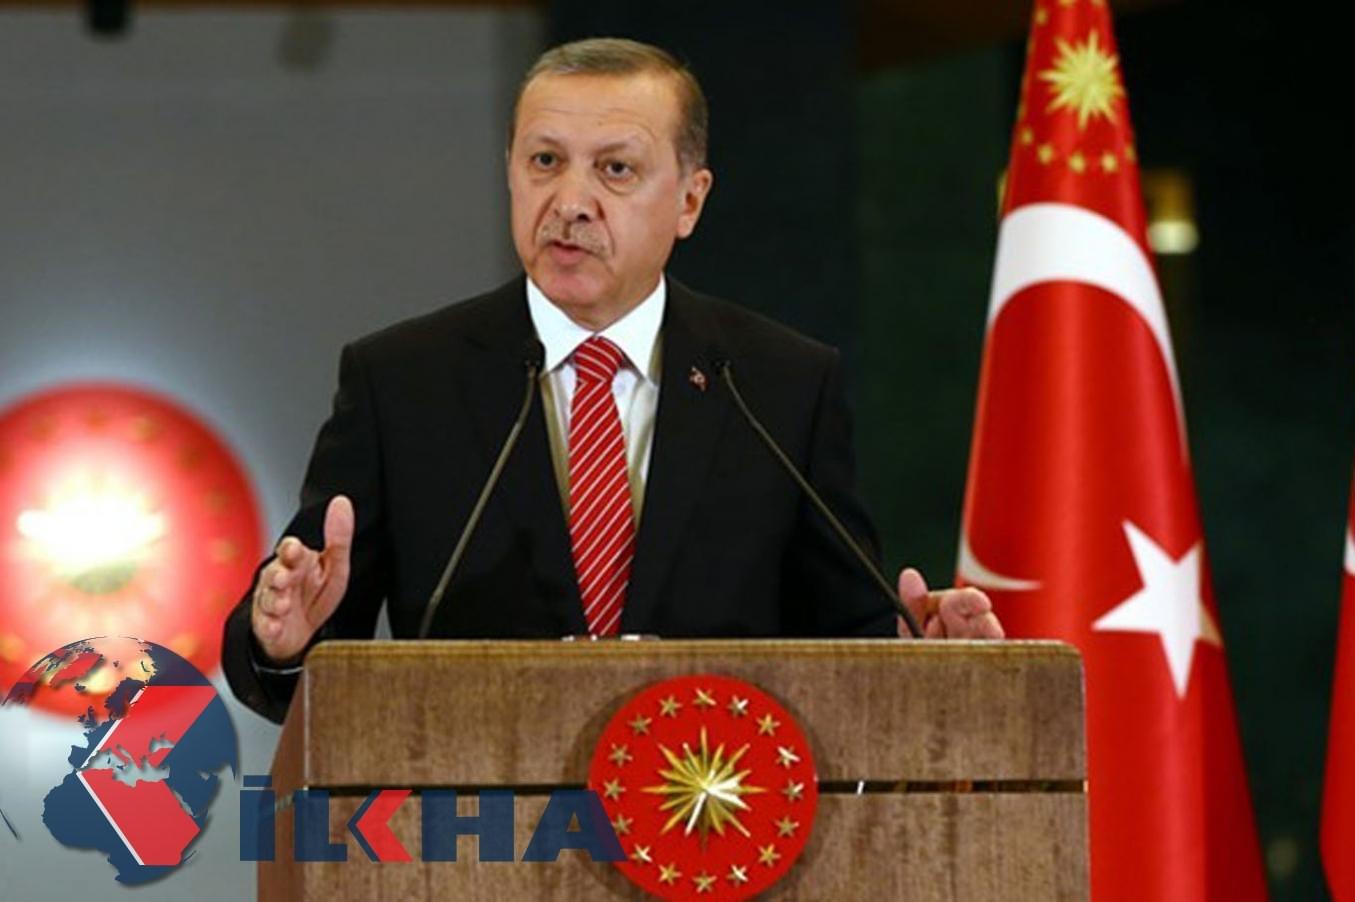 Erdoğan Gaziantep'teki Kardeşlik mitingine katılacak